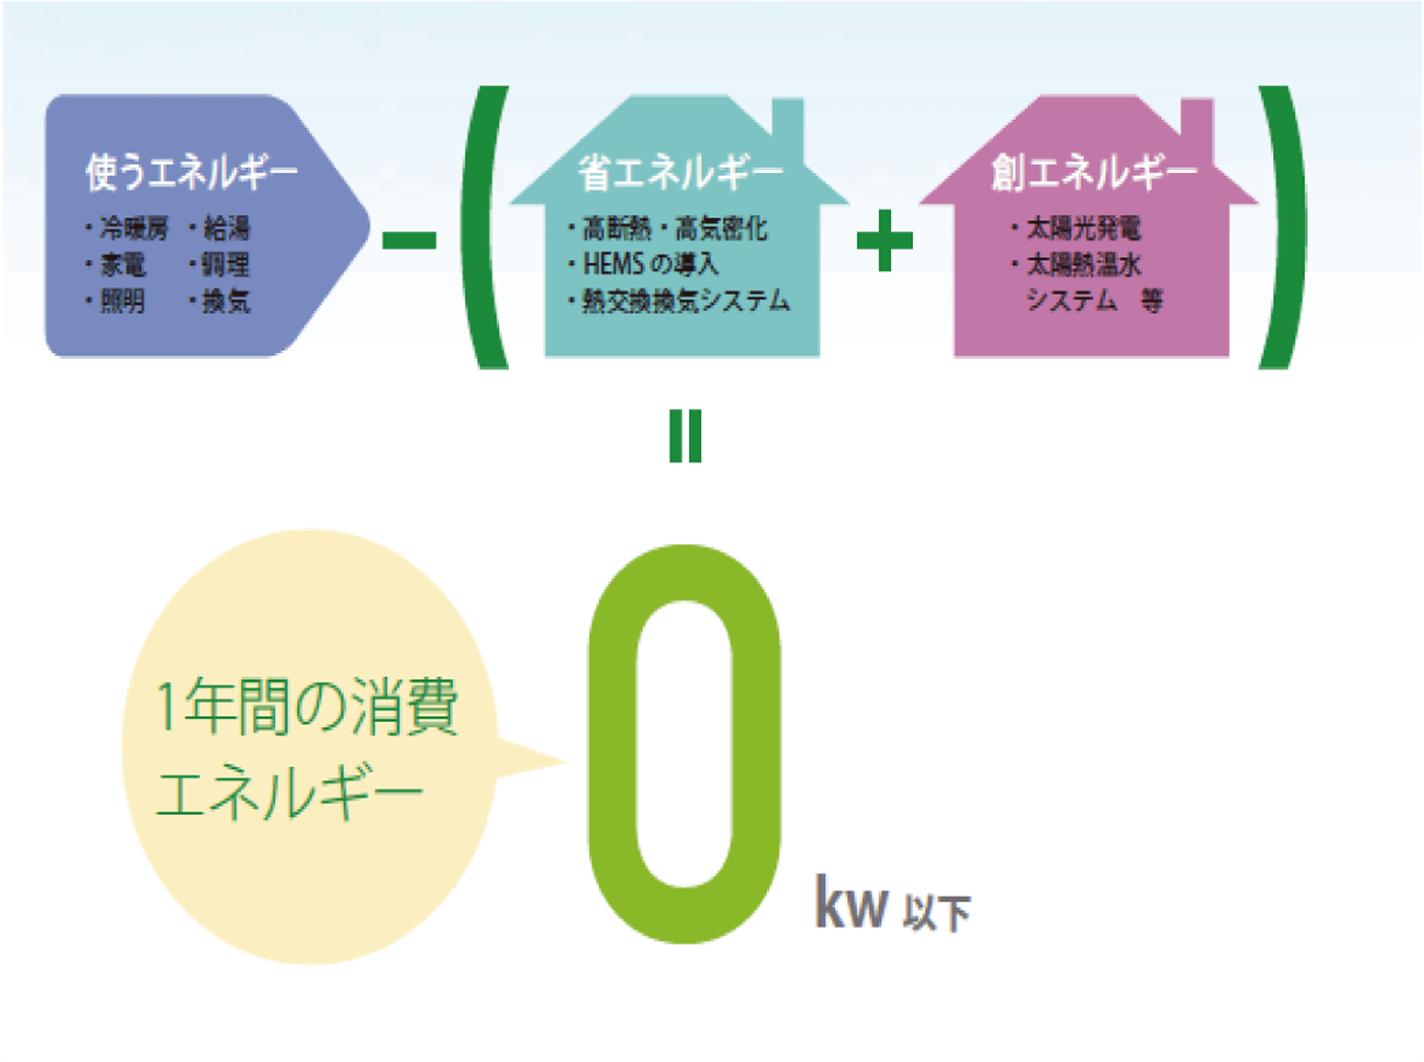 一年間の消費エネルギー0kw以下